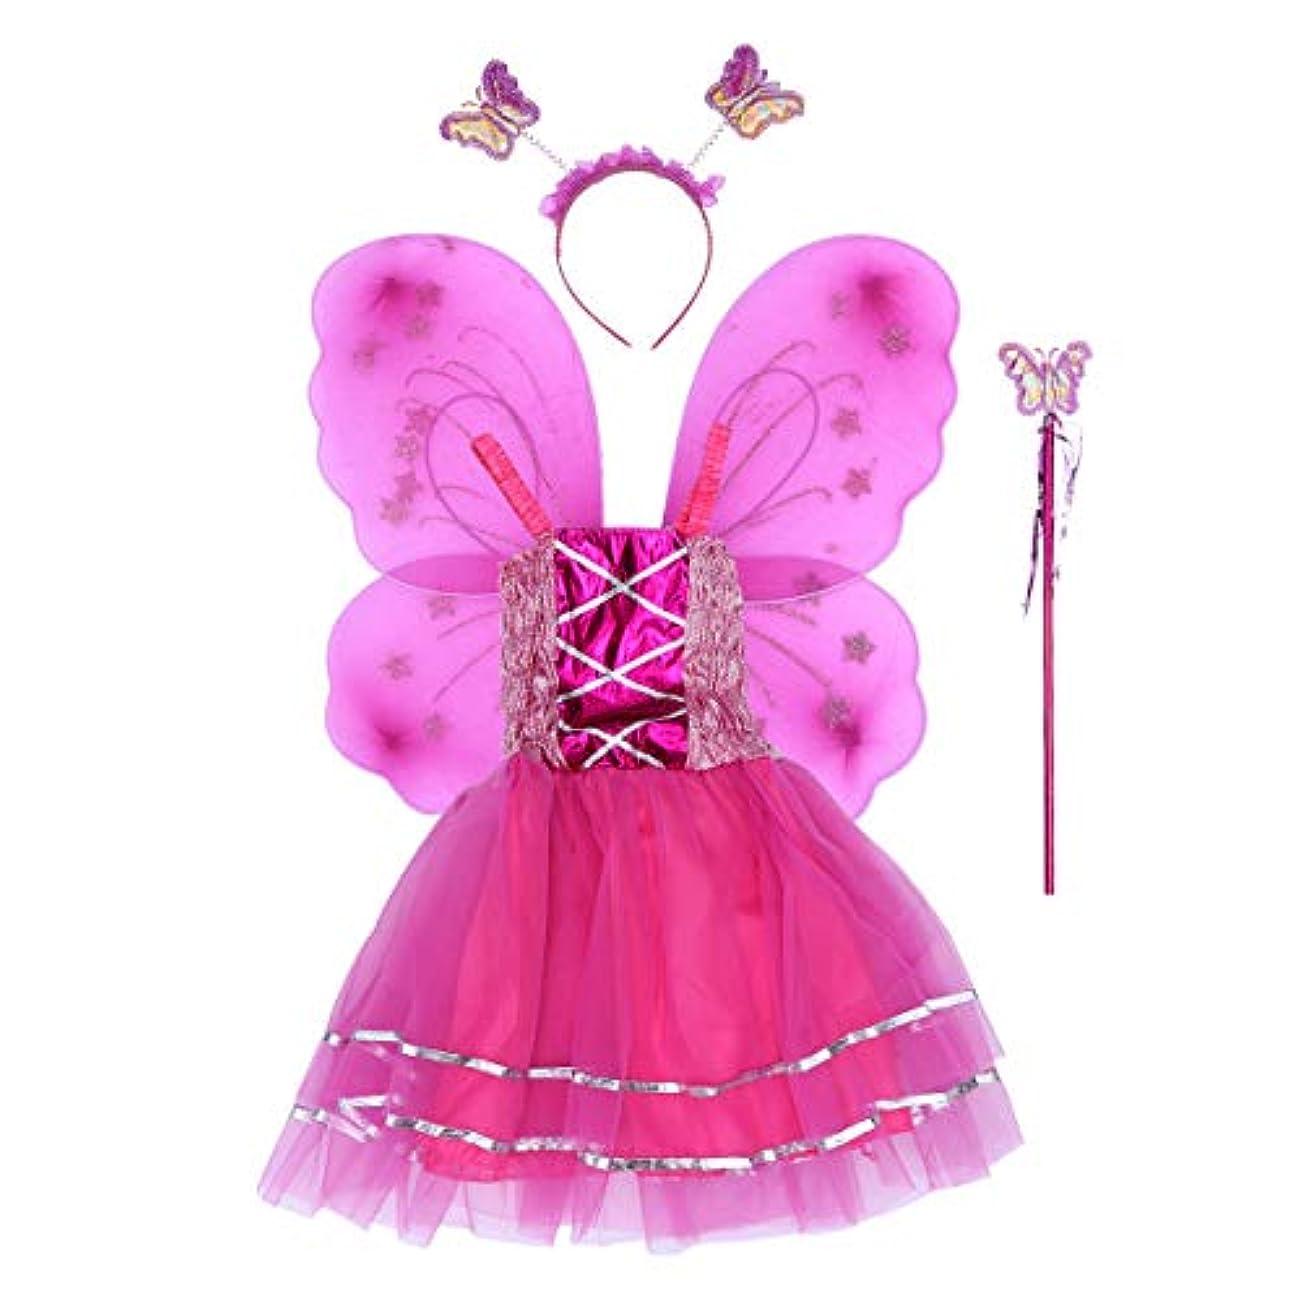 栄光の九月宿命BESTOYARD 4個の女の子バタフライプリンセス妖精のコスチュームセットバタフライウィング、ワンド、ヘッドバンドとツツードレス(ロージー)